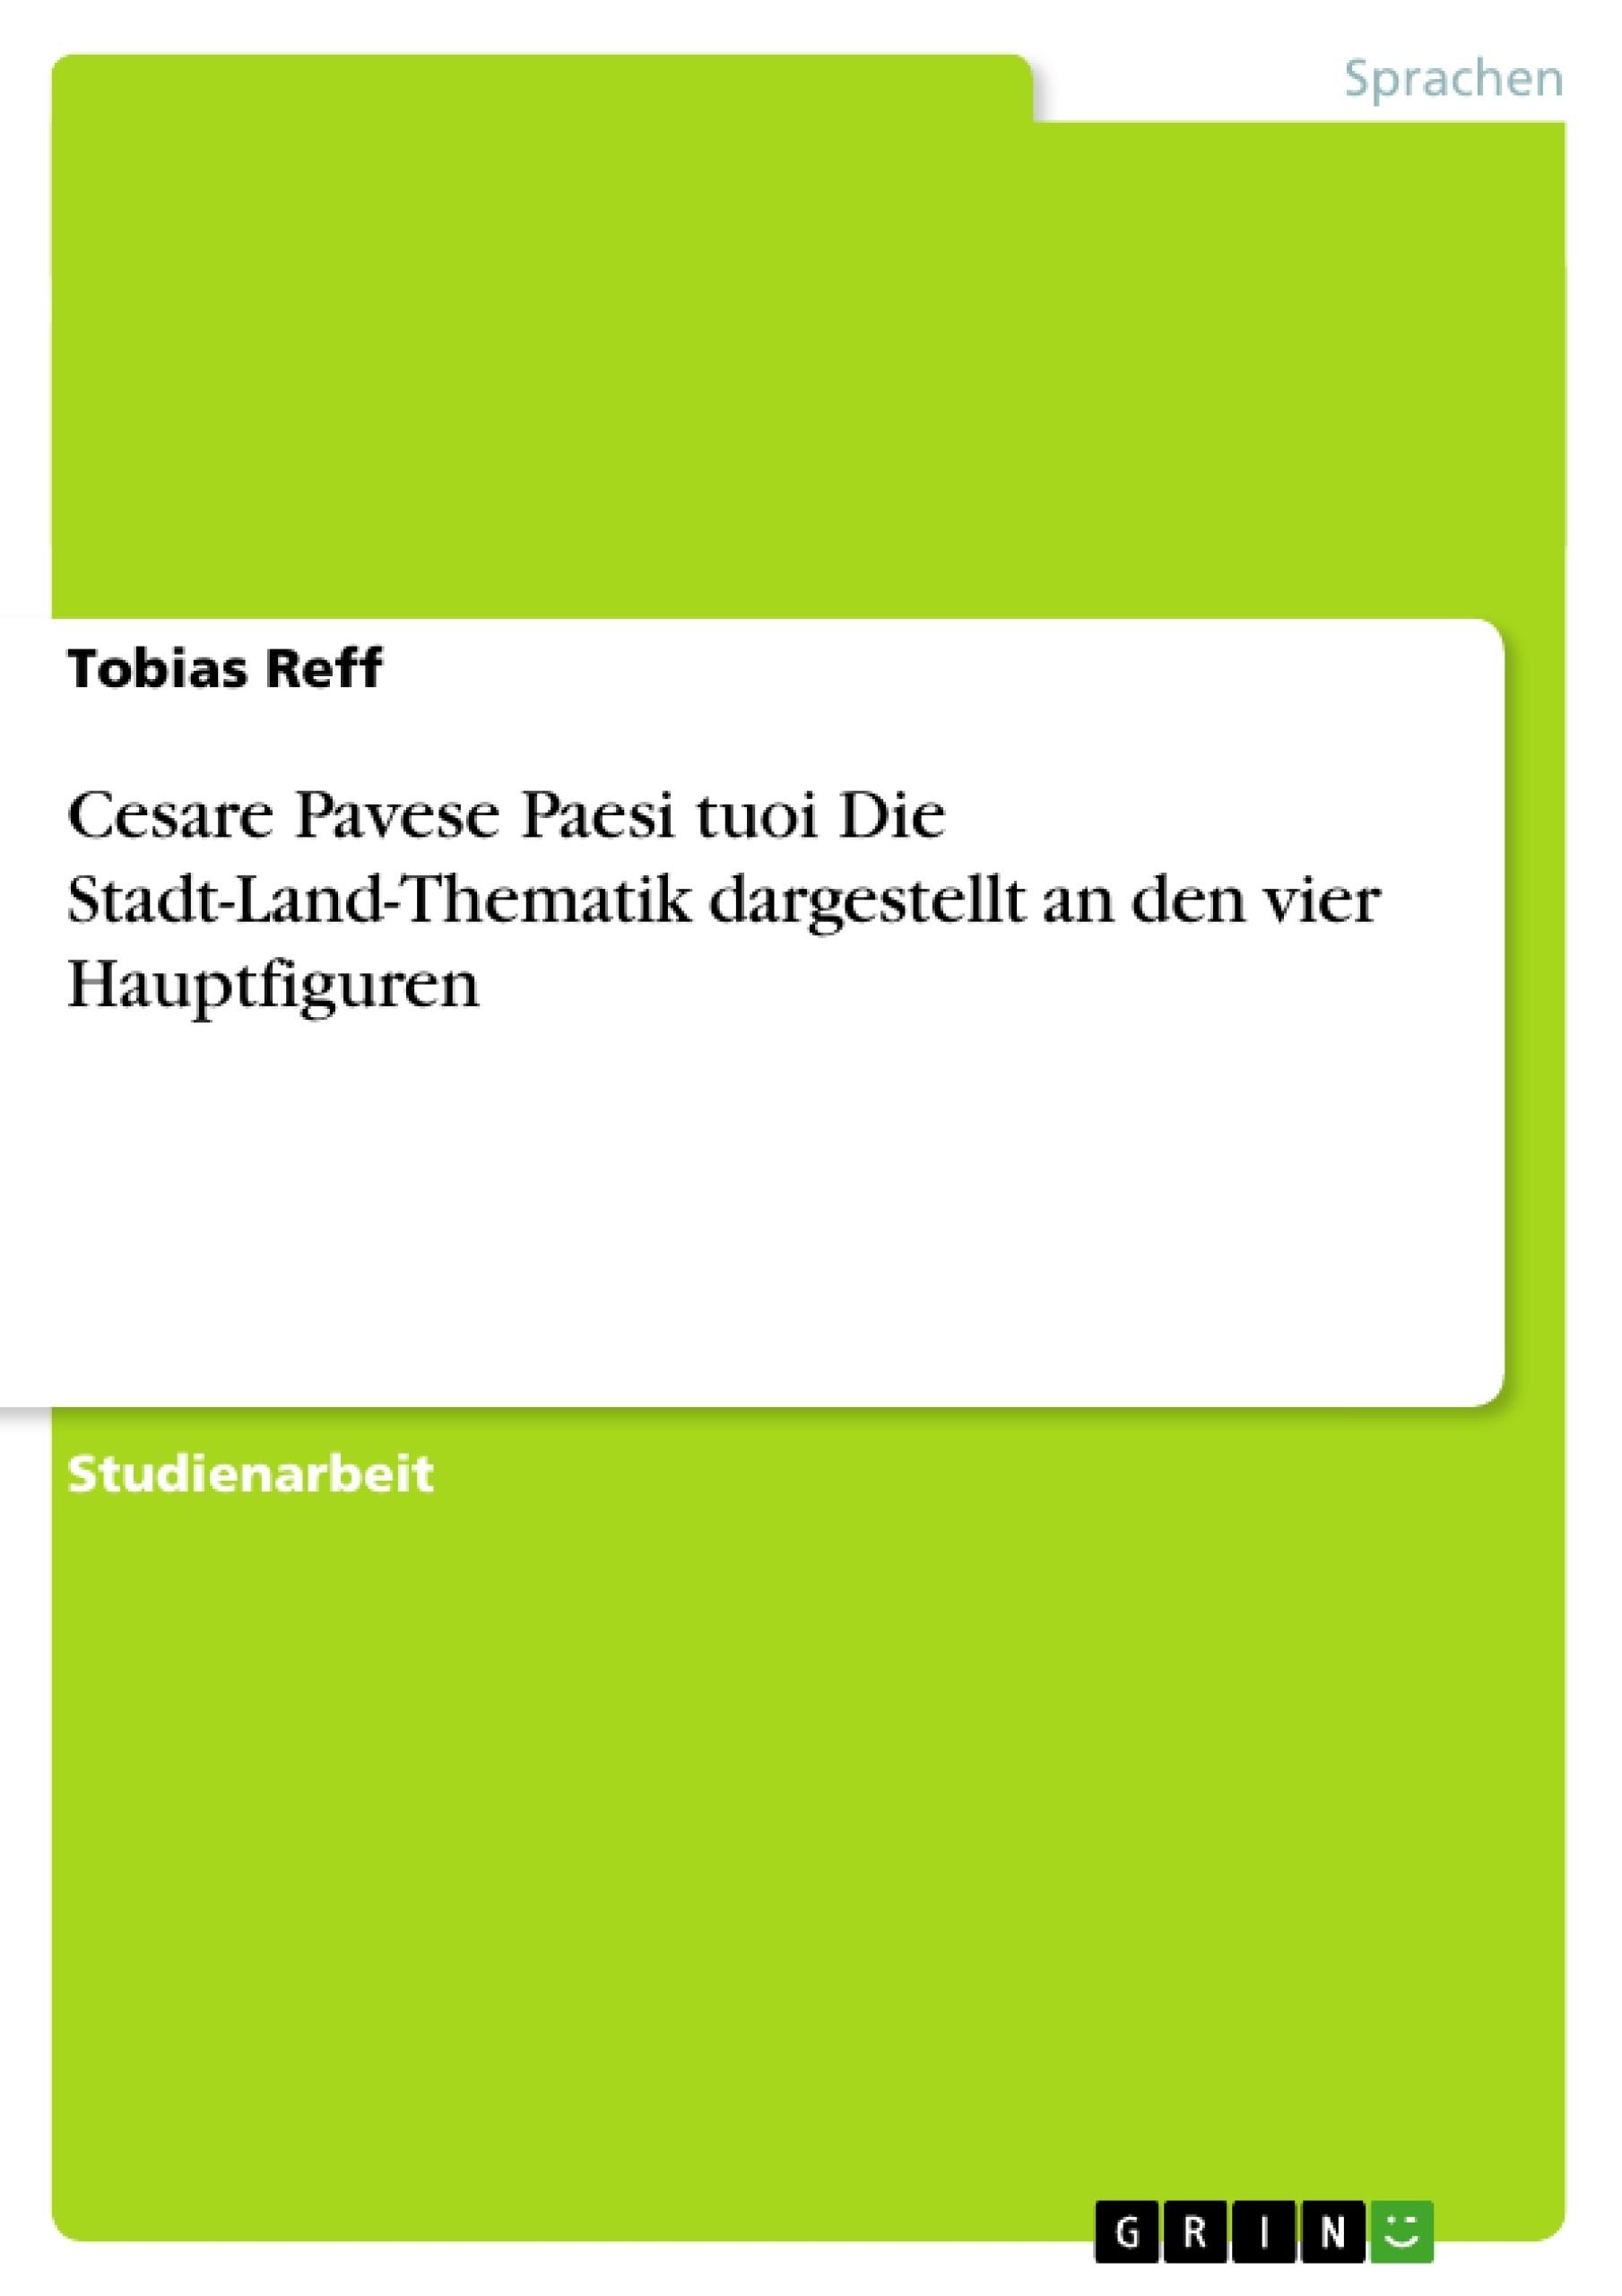 Titel: Cesare Pavese Paesi tuoi Die Stadt-Land-Thematik dargestellt an den vier Hauptfiguren